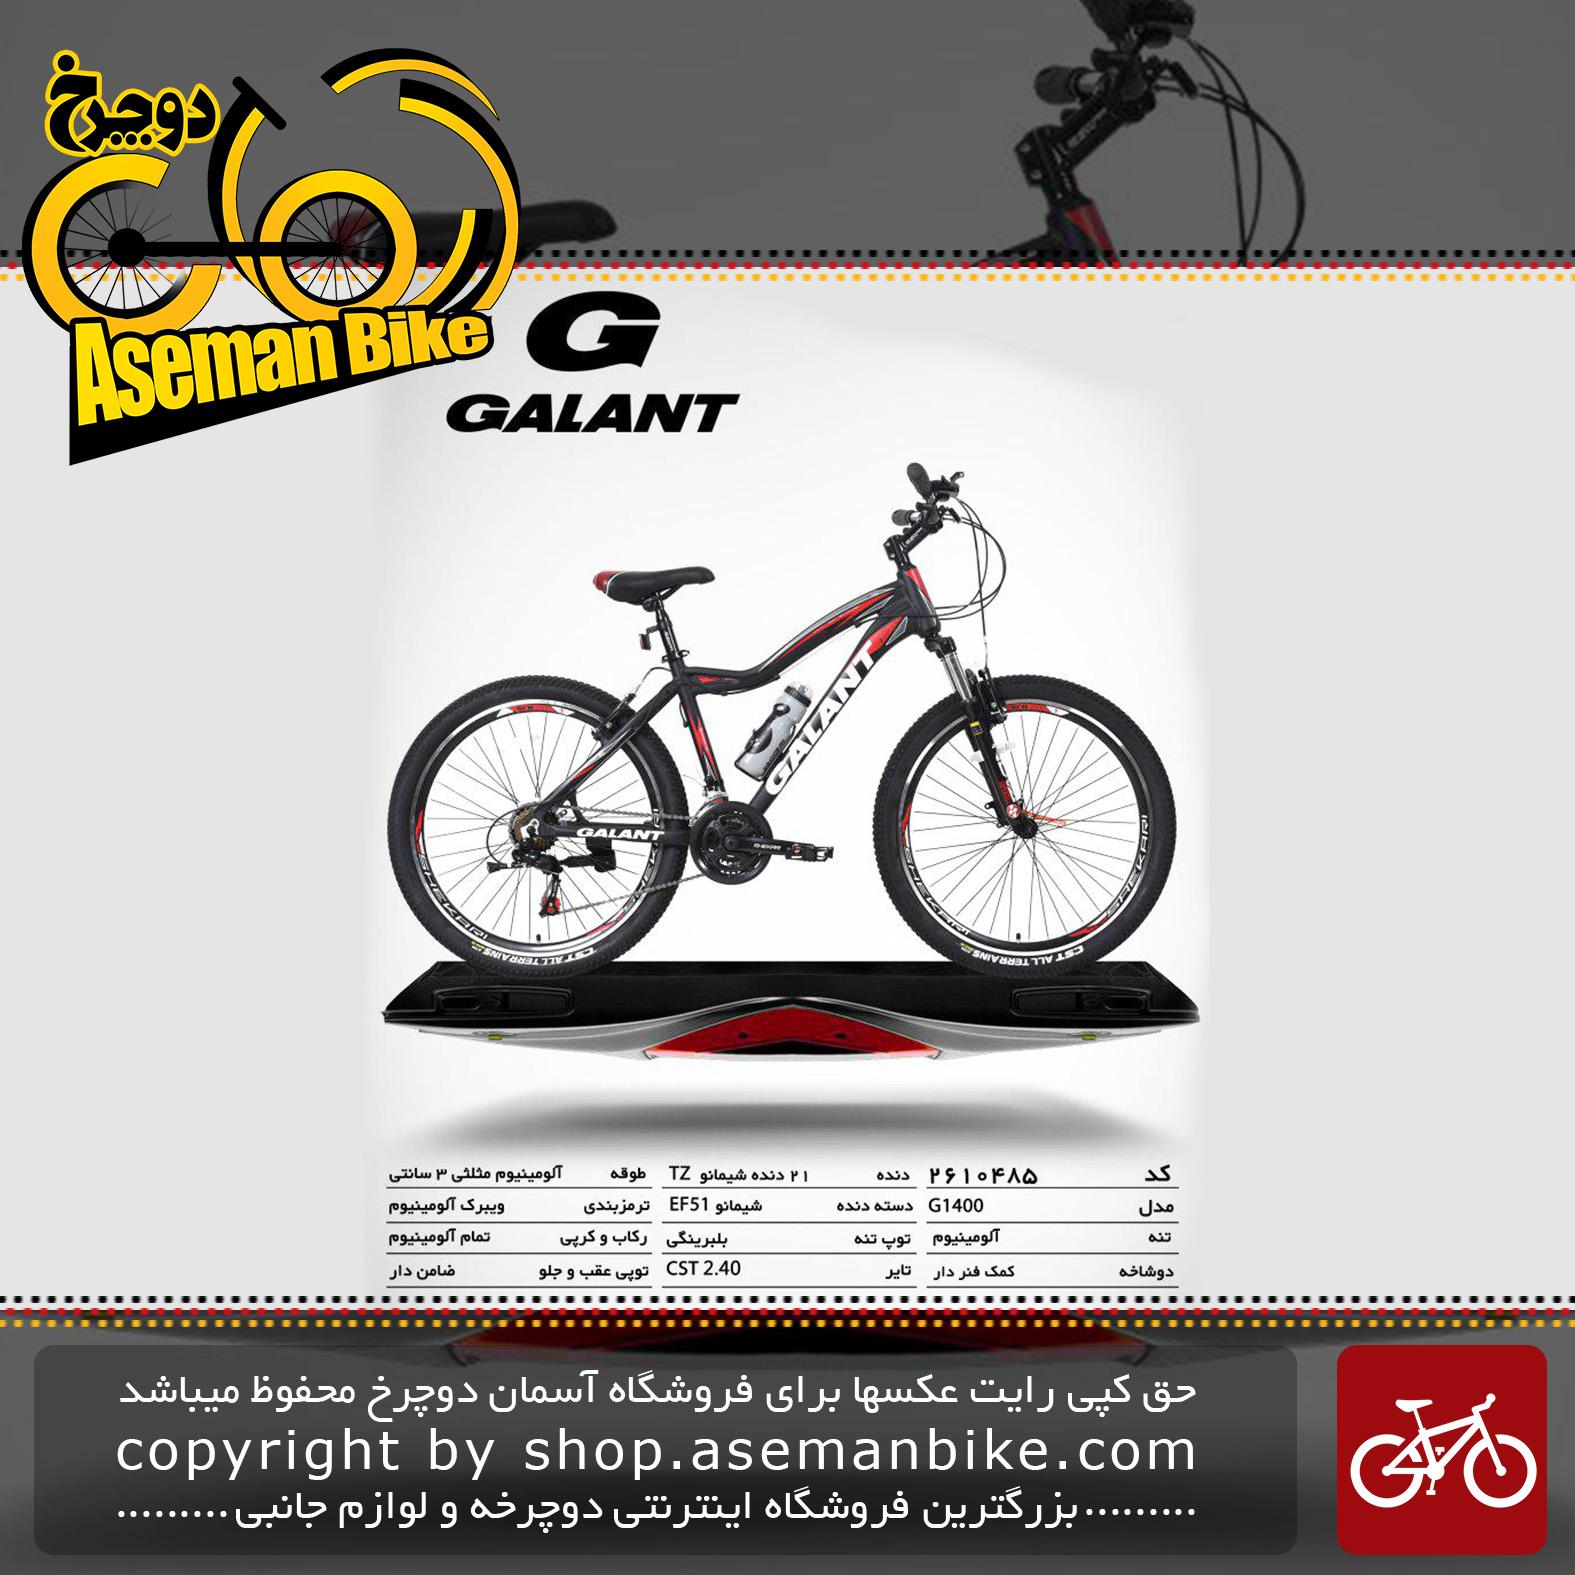 دوچرخه کوهستان شهری گالانت مدل جی 1400 21 دنده سایز 26 ساخت تایوان GALANT Mountain City Bicycle Taiwan G1400 Size 26 2019